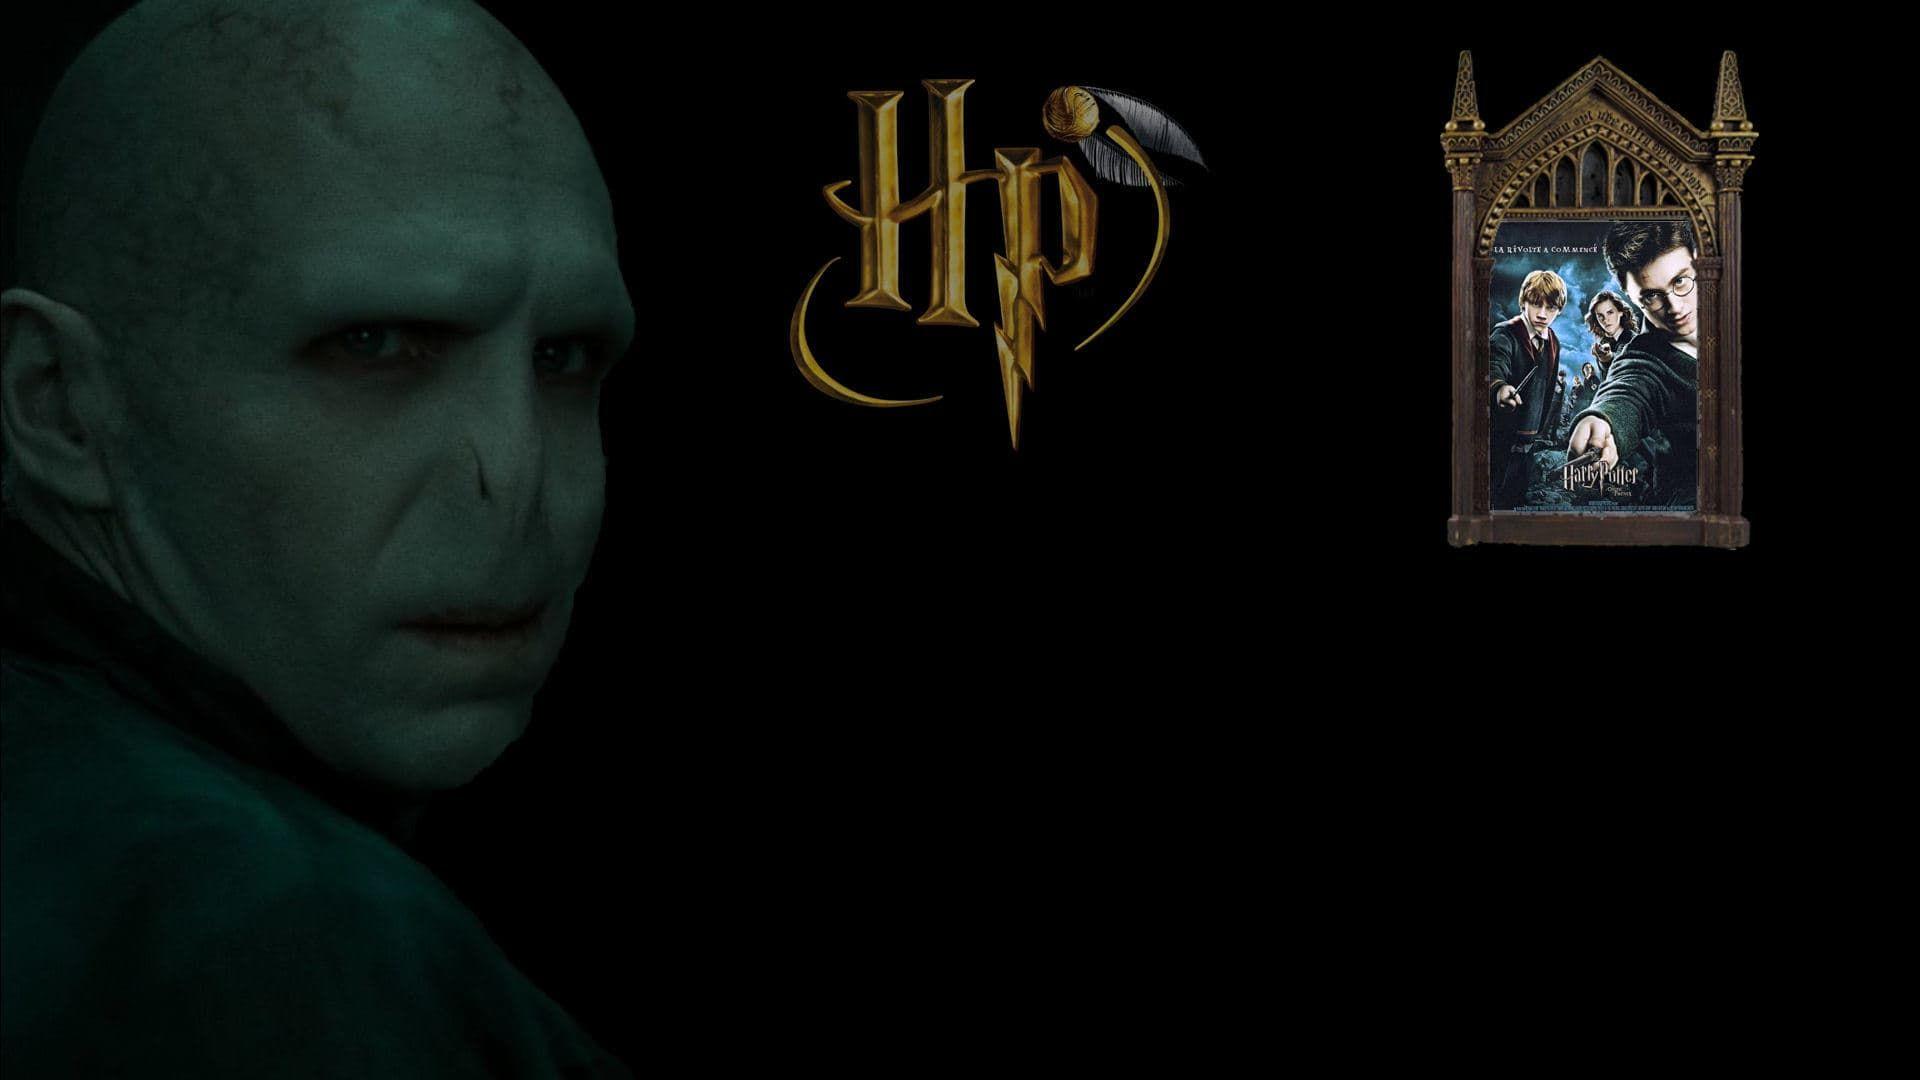 Harry Potter Et L Ordre Du Ph駭ix Film Complet Vf